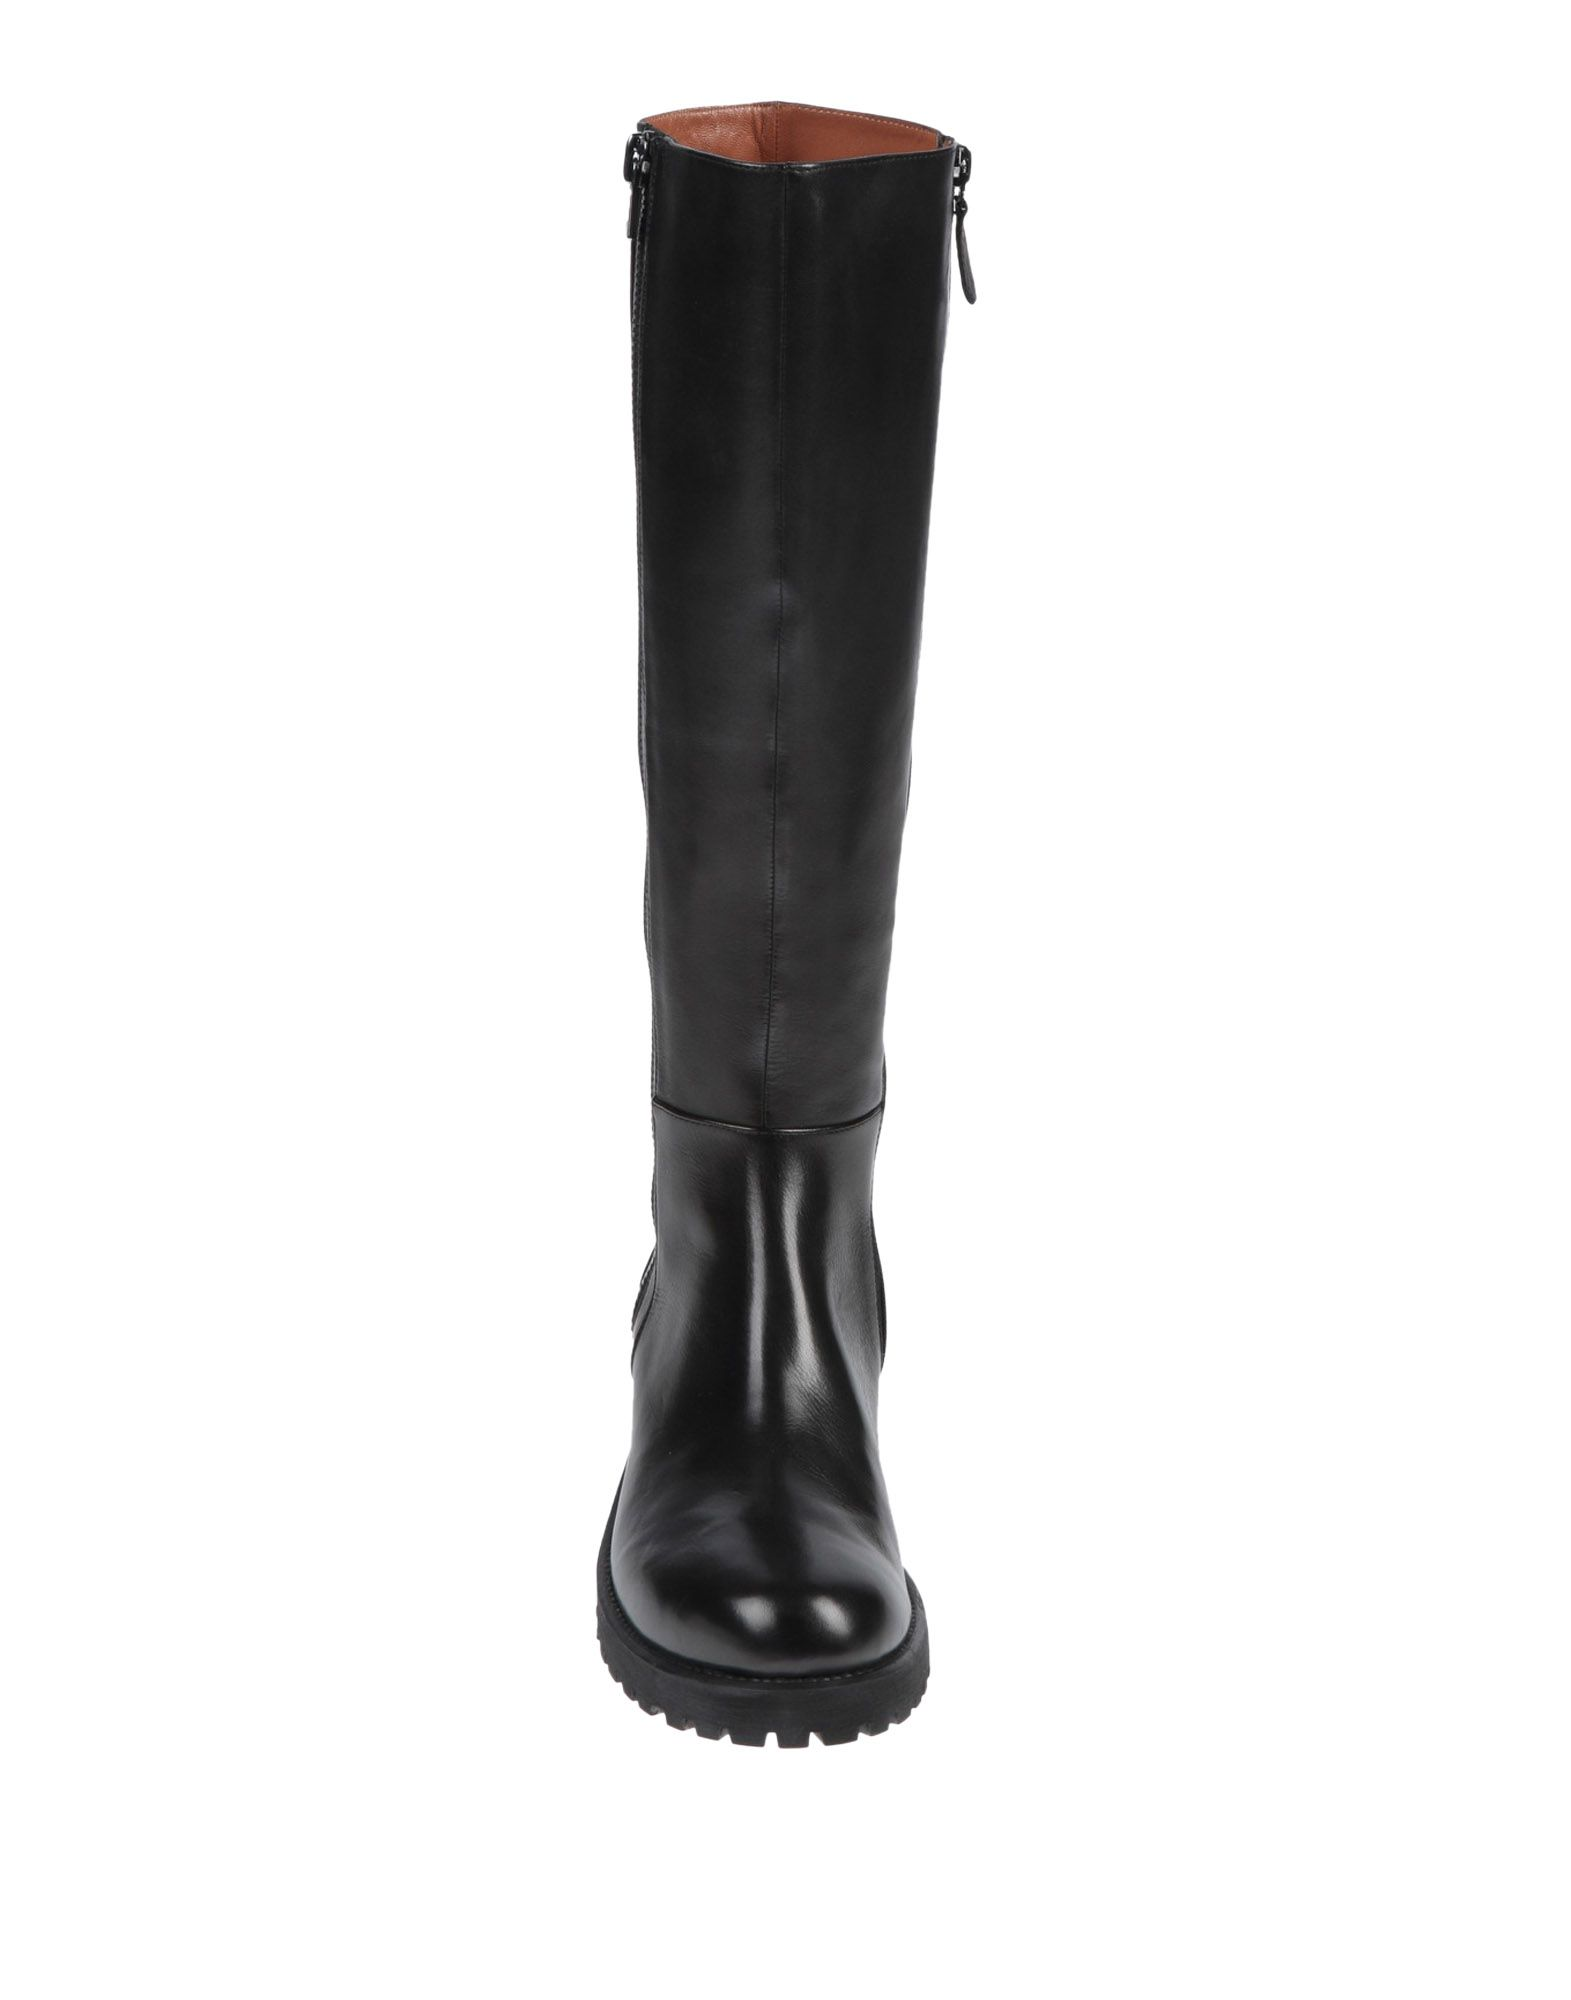 Rabatt Schuhe Emporio Emporio Schuhe Armani Stiefel Damen  11523590IL 422a84